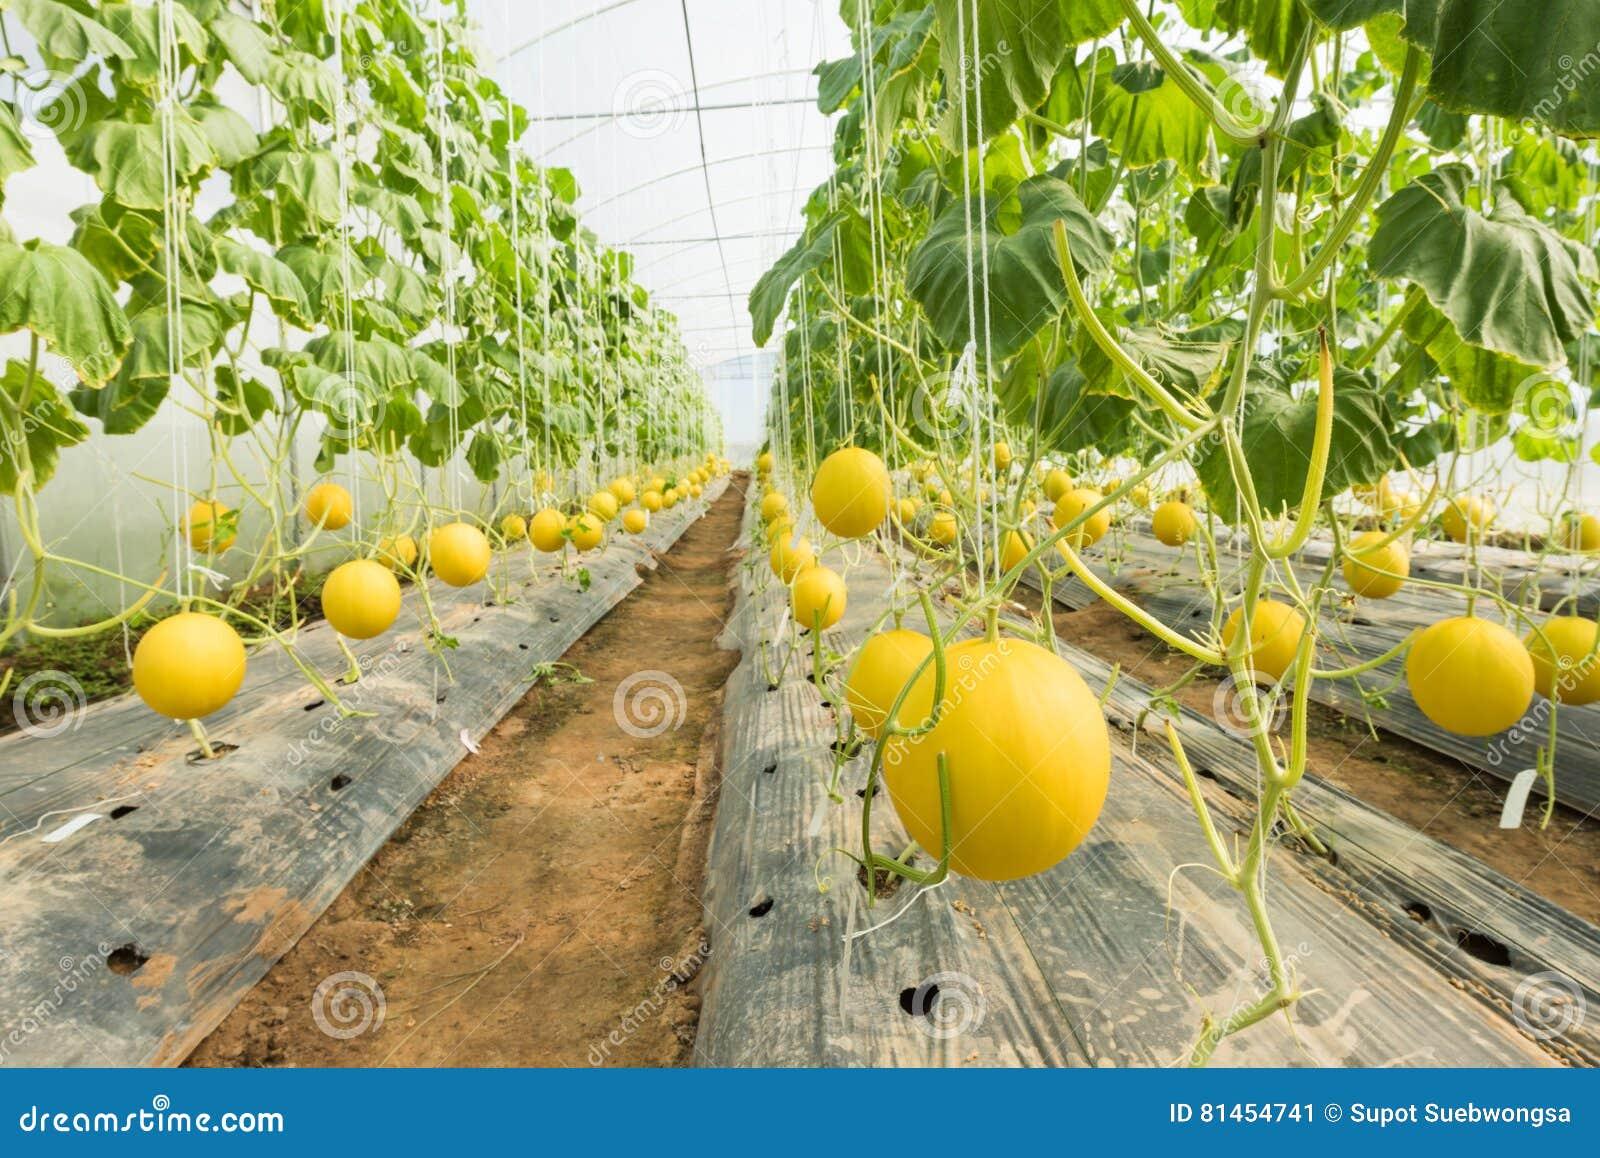 Melonowy uprawiać ziemię, Melonowa plantacja w wysokich tunelach szklarnianych